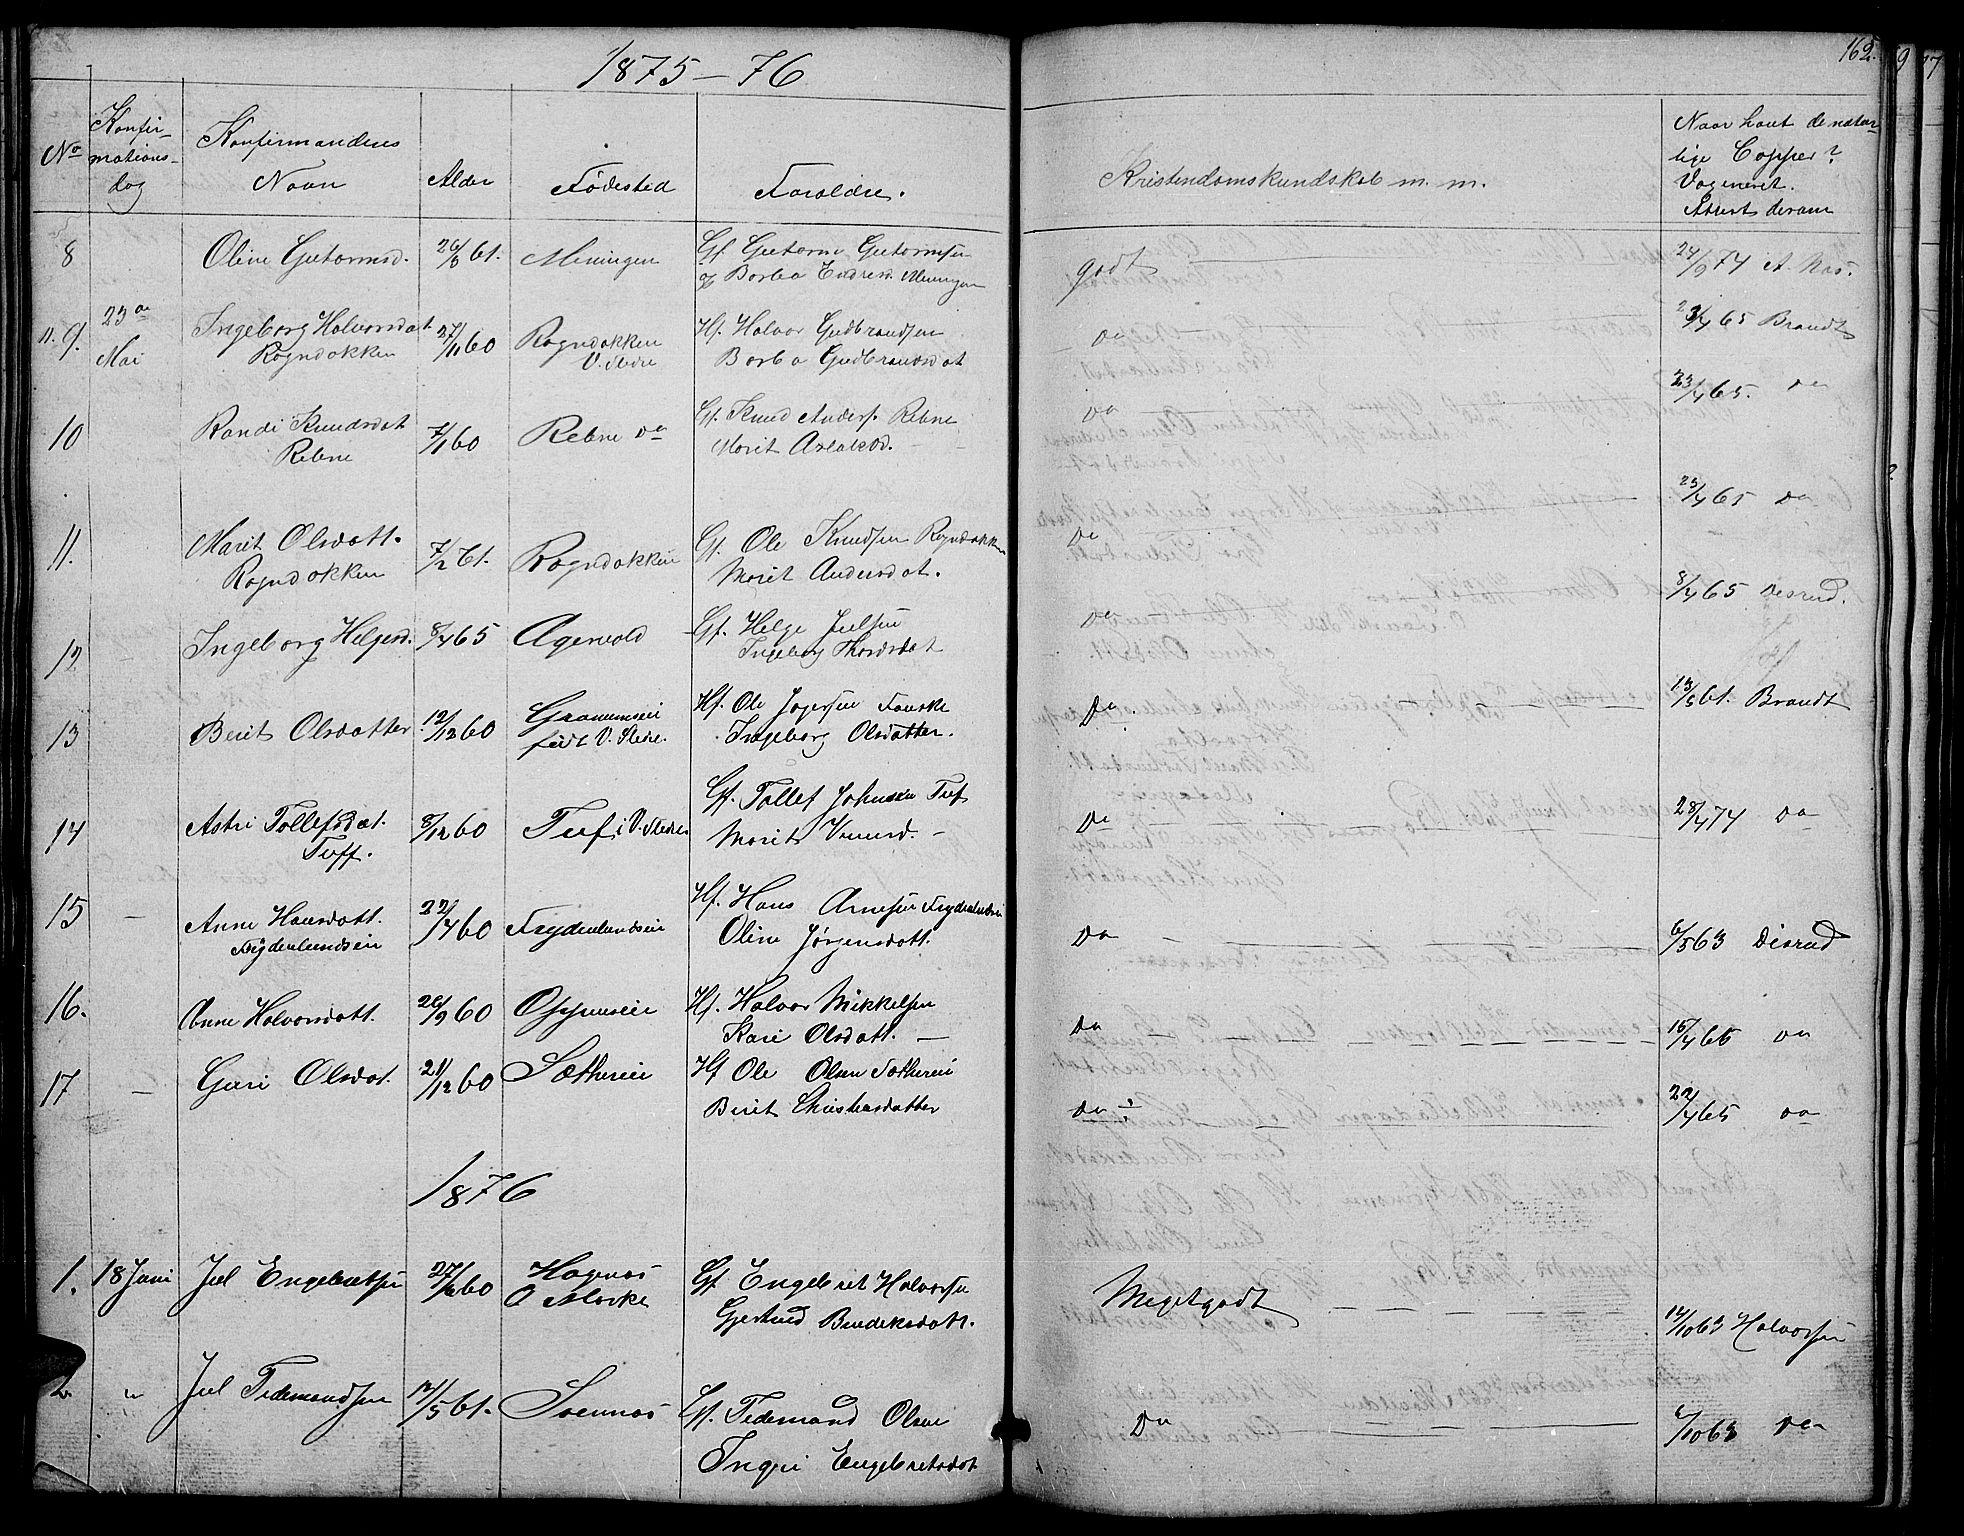 SAH, Nord-Aurdal prestekontor, Klokkerbok nr. 4, 1842-1882, s. 162